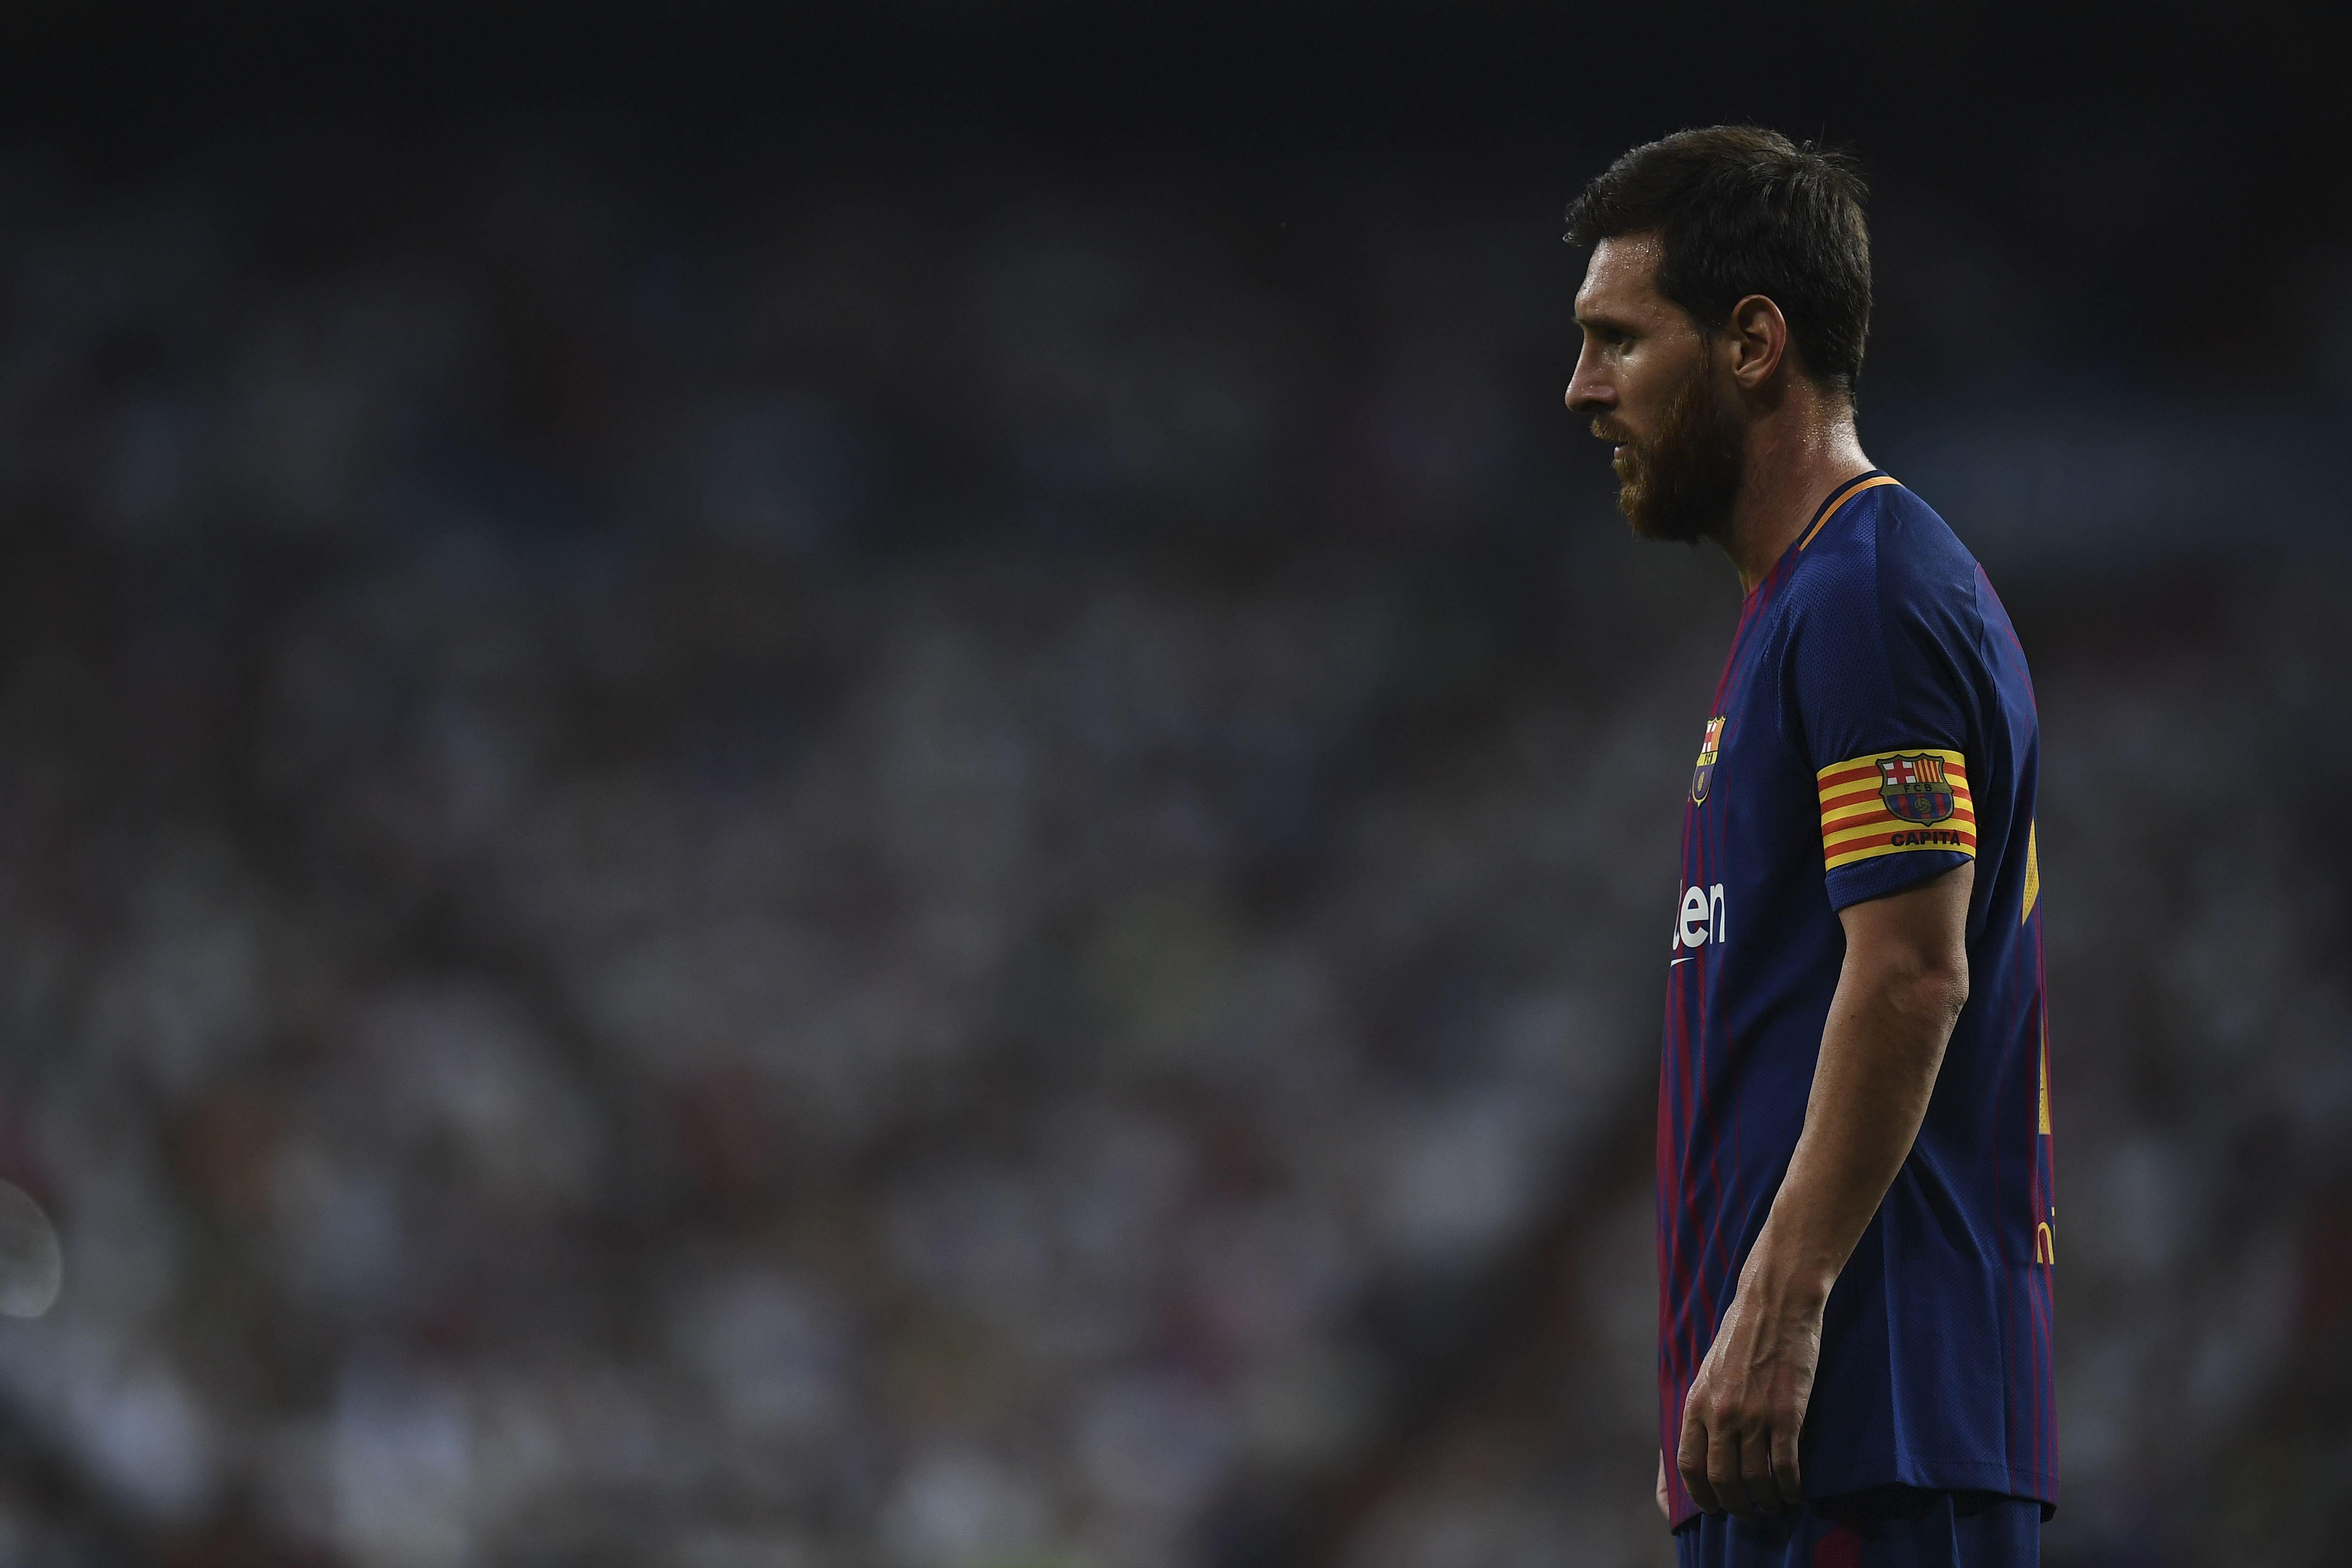 Manchester City disposto a pagar cláusula de rescisão de Messi